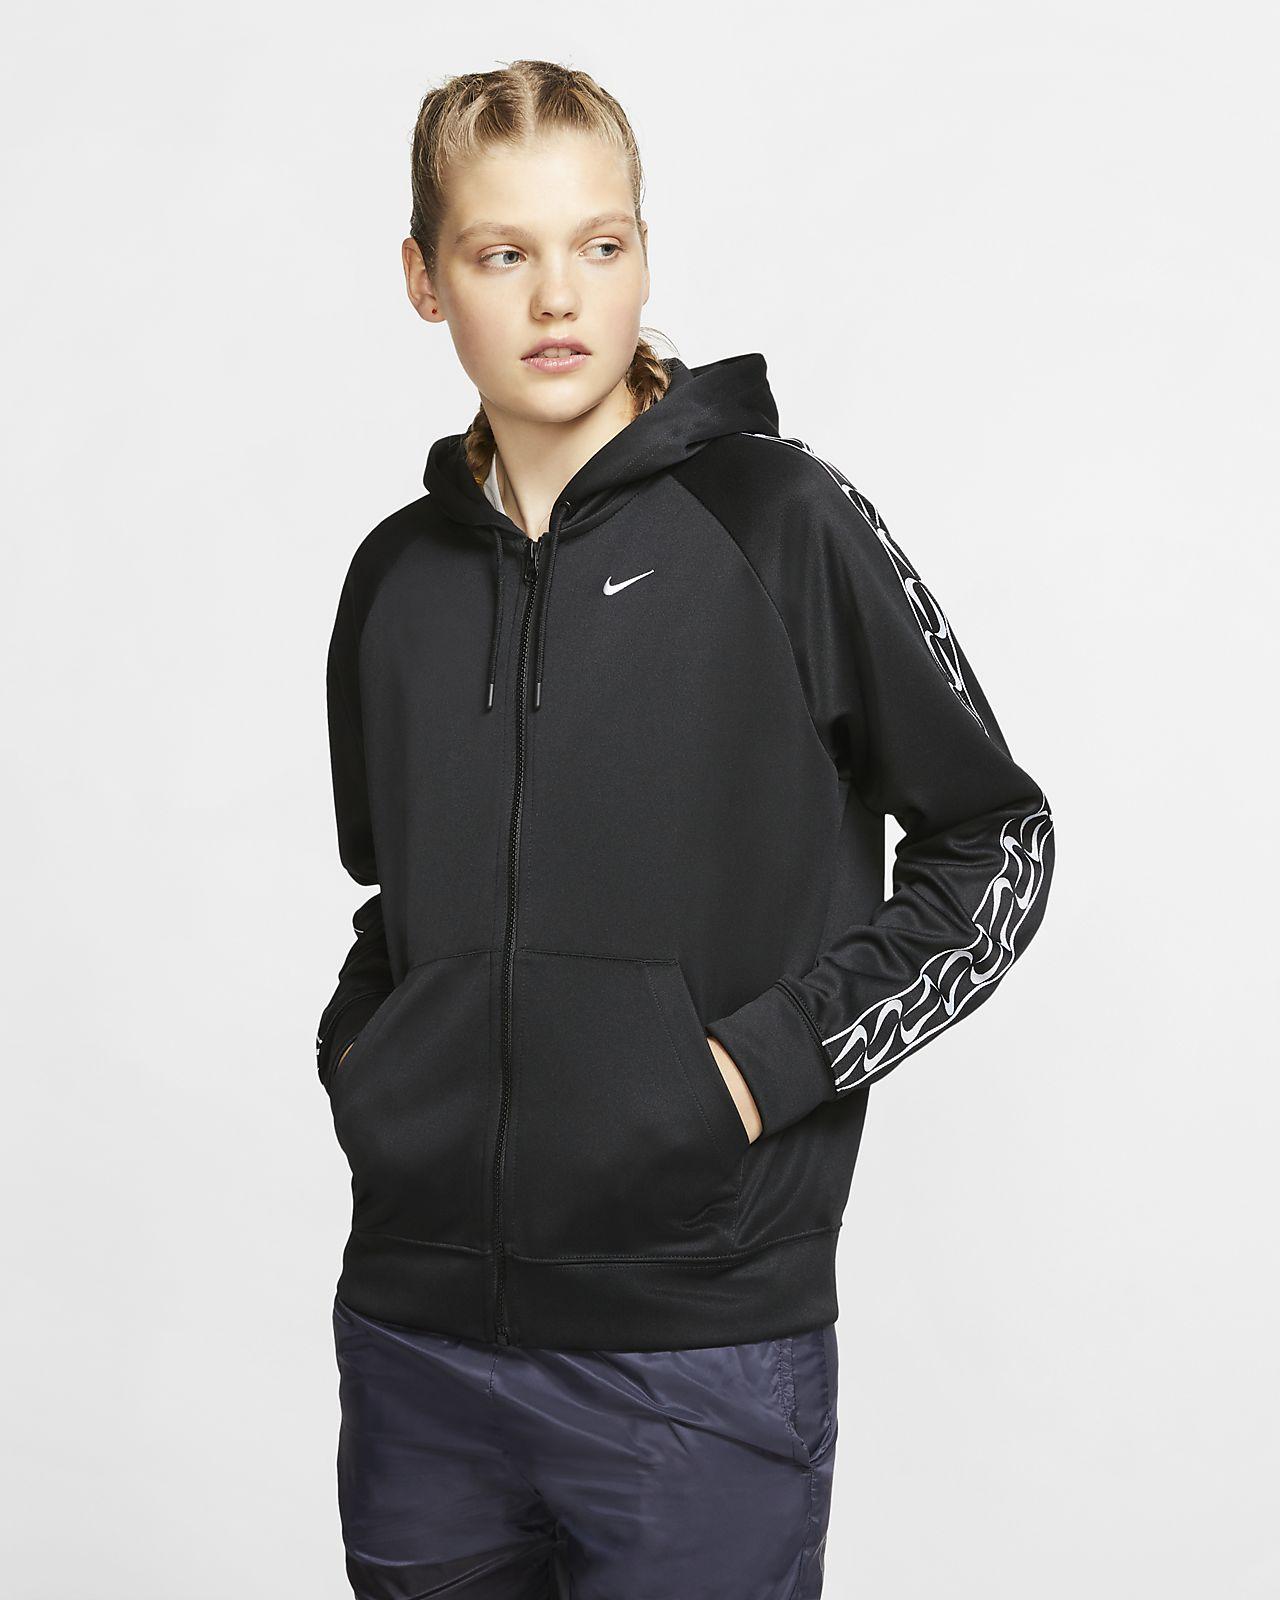 Sweat Printed Femme Nike